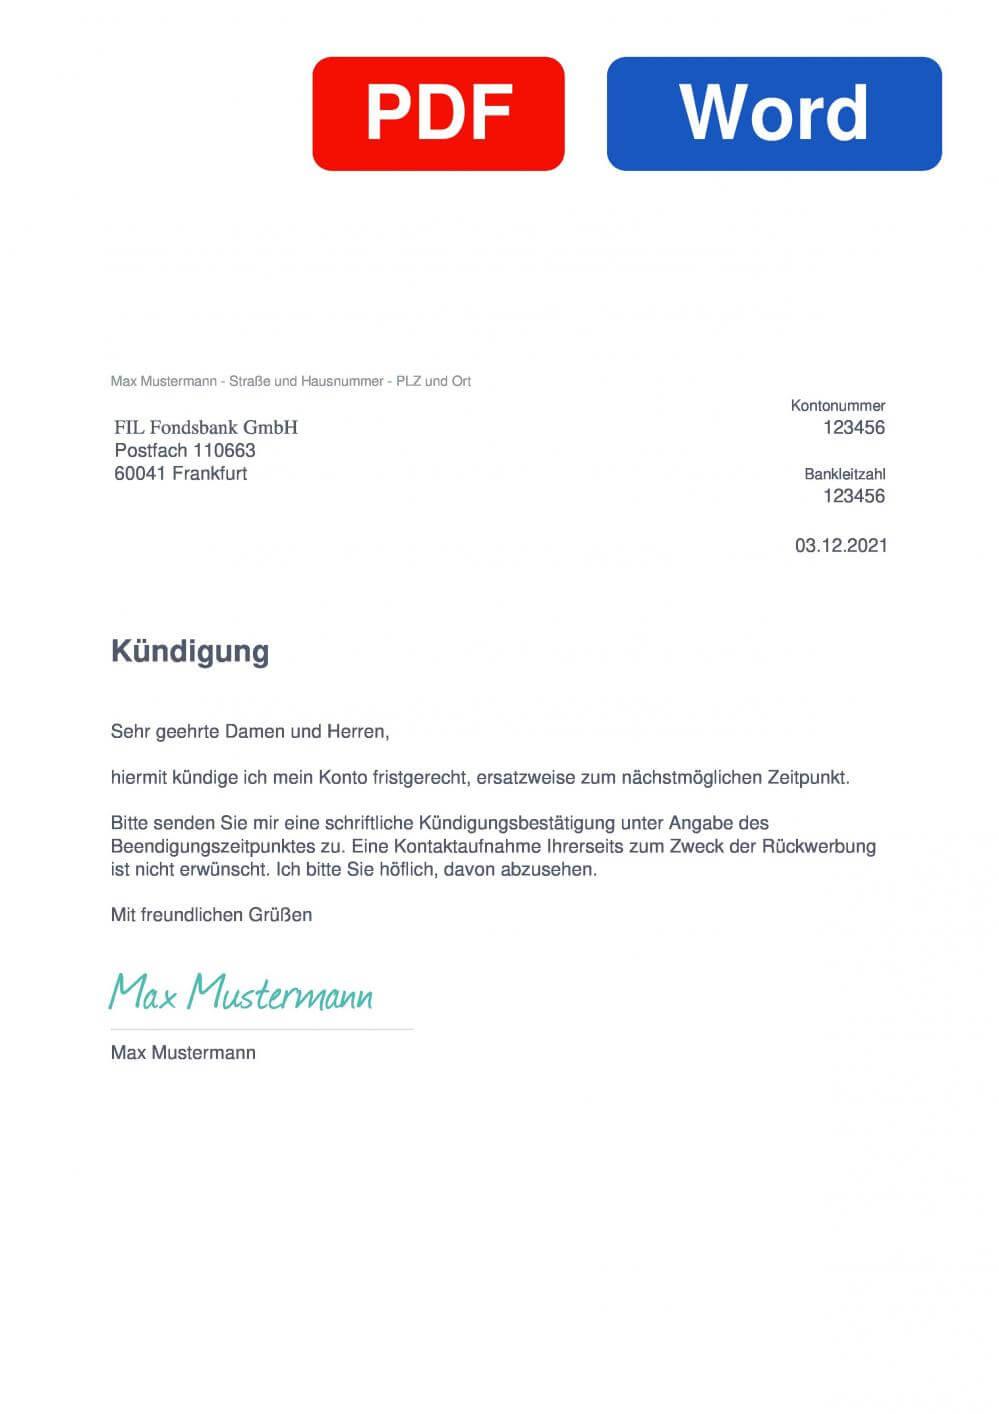 FIL Fondsbank Muster Vorlage für Kündigungsschreiben